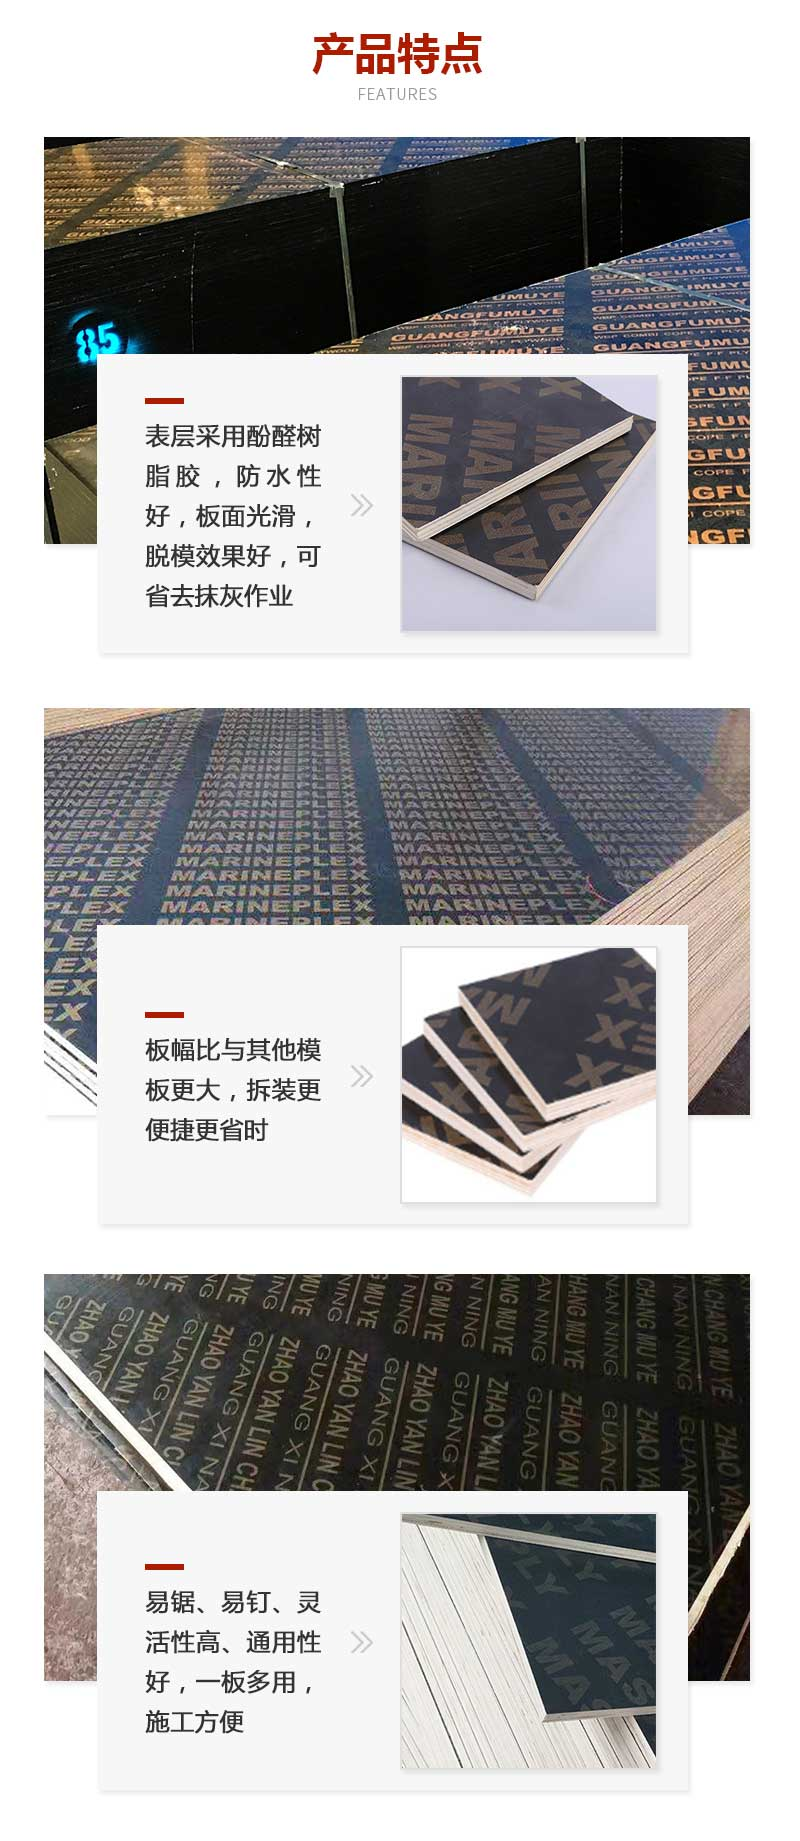 覆膜模板1.83*0.915*1.5金桥板业产品特点介绍